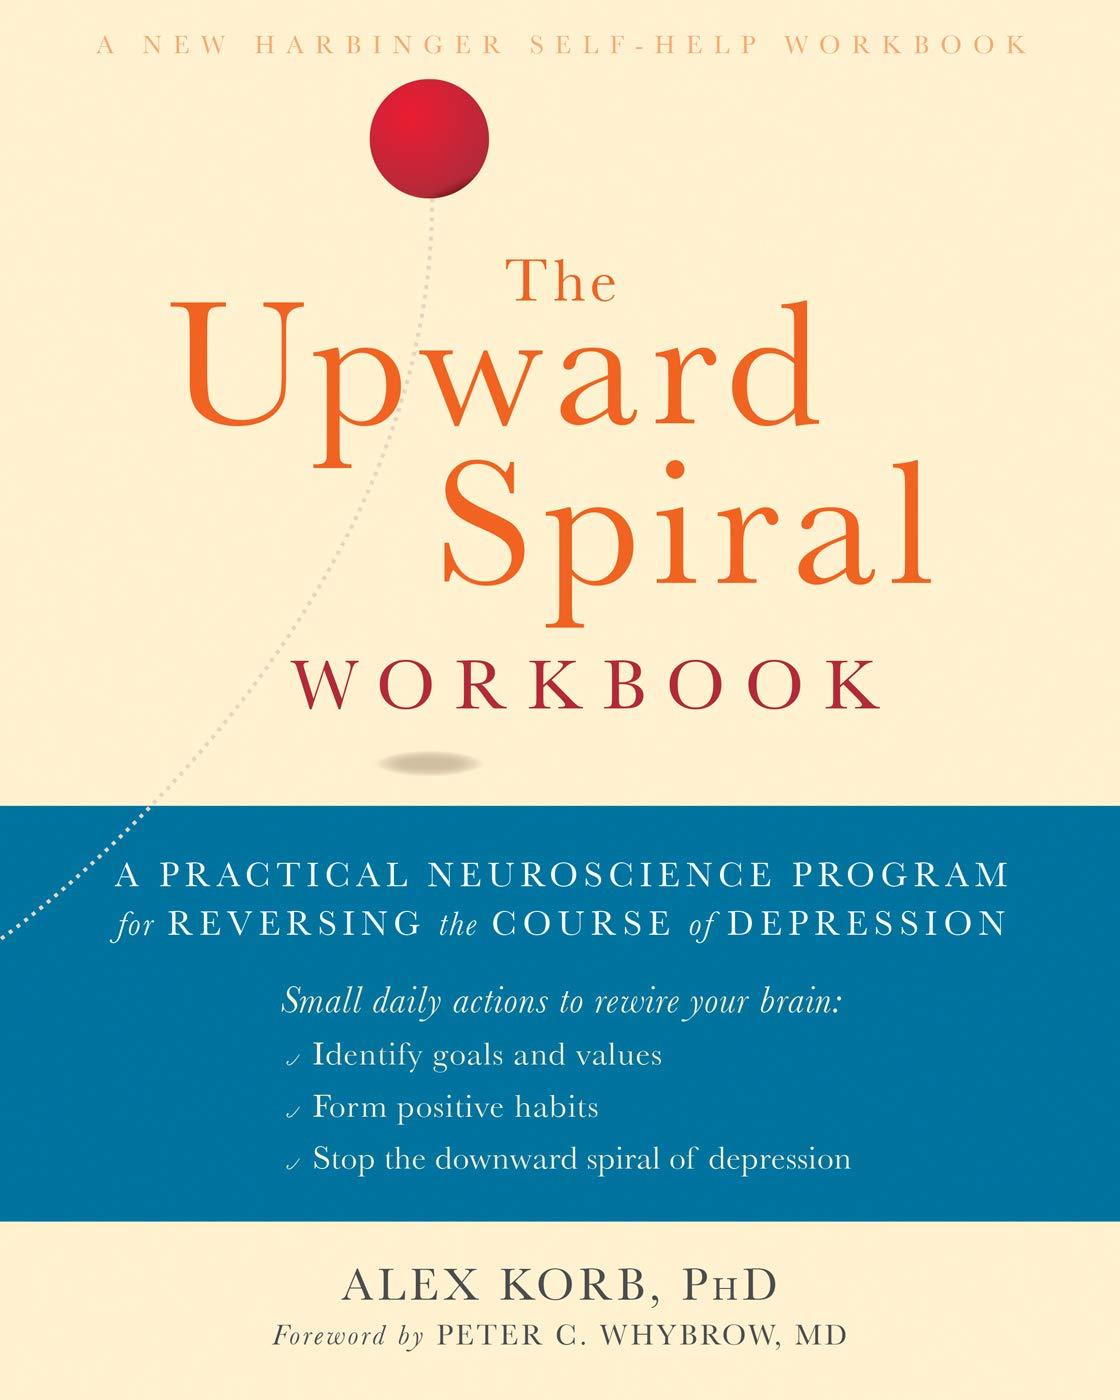 The Upward Spiral Workbook: A Practical Neuroscience Program